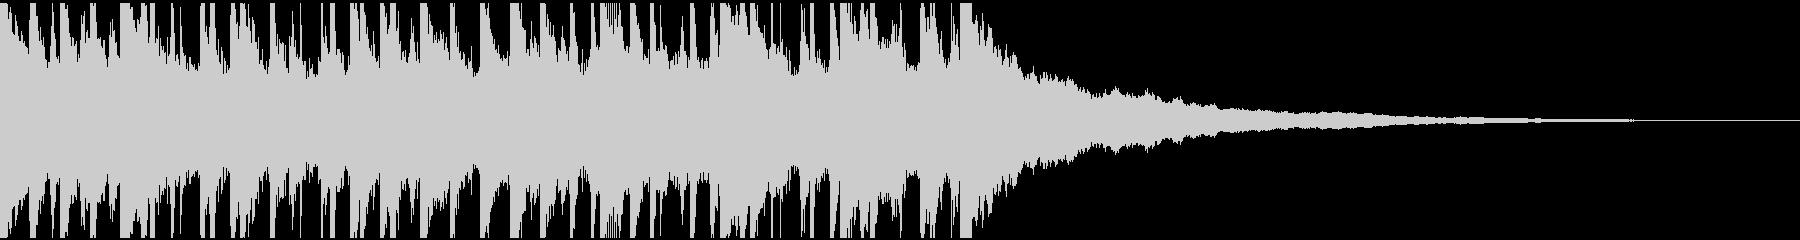 ウクレレ、ピアノの楽しい楽曲30秒verの未再生の波形